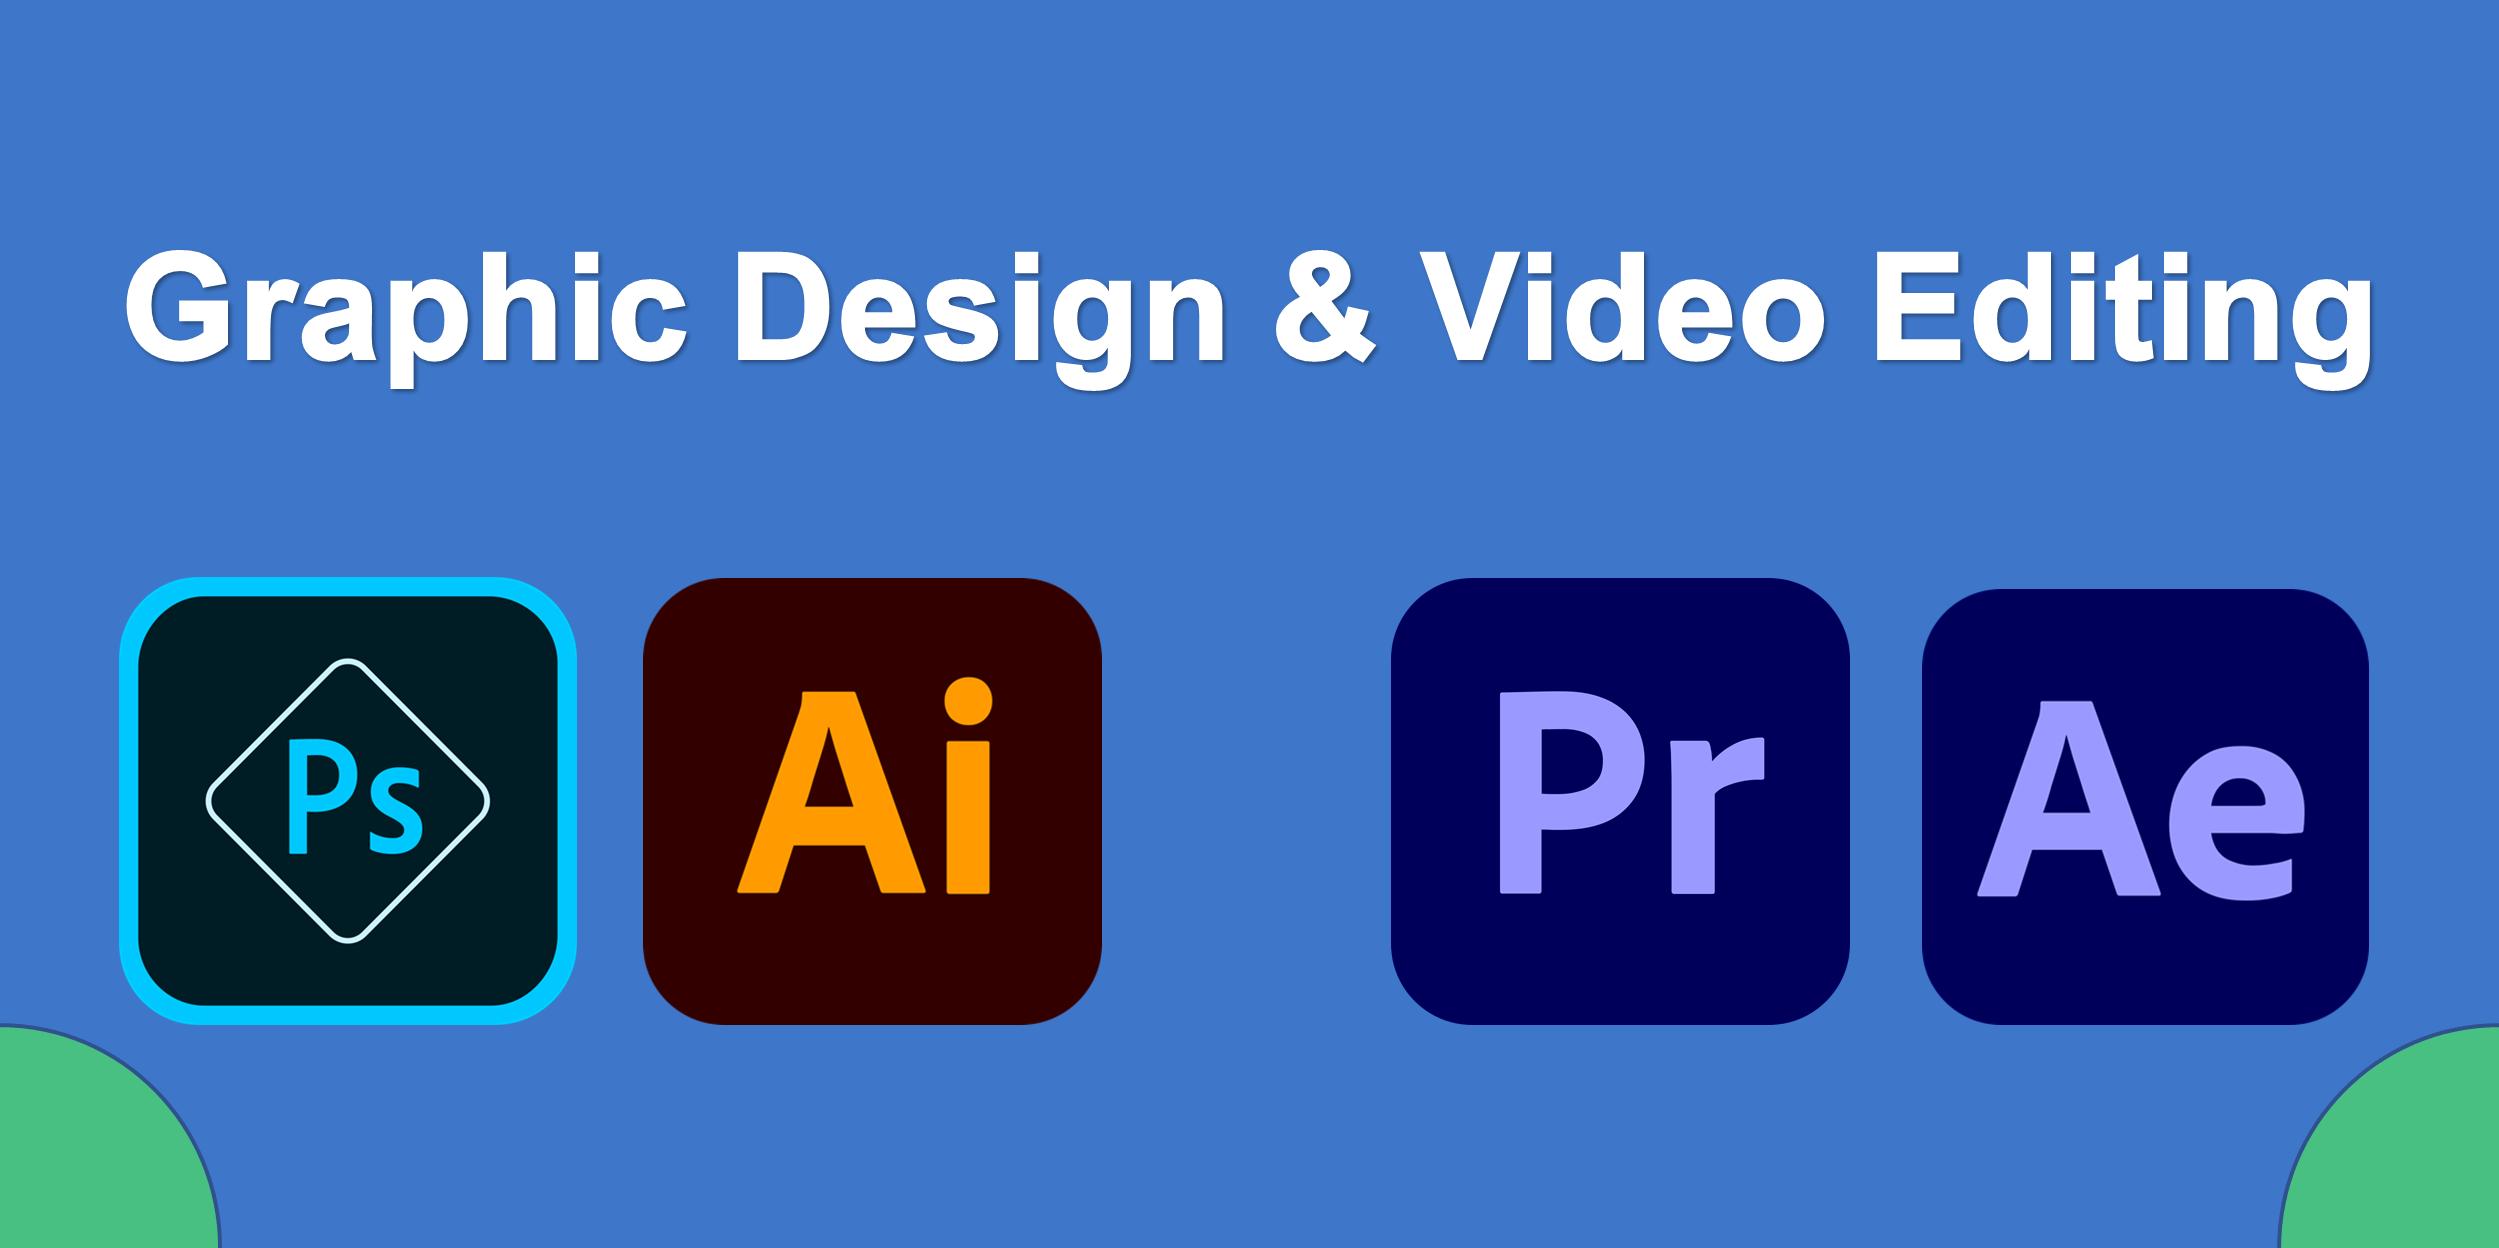 Graphic Design & Video Editing